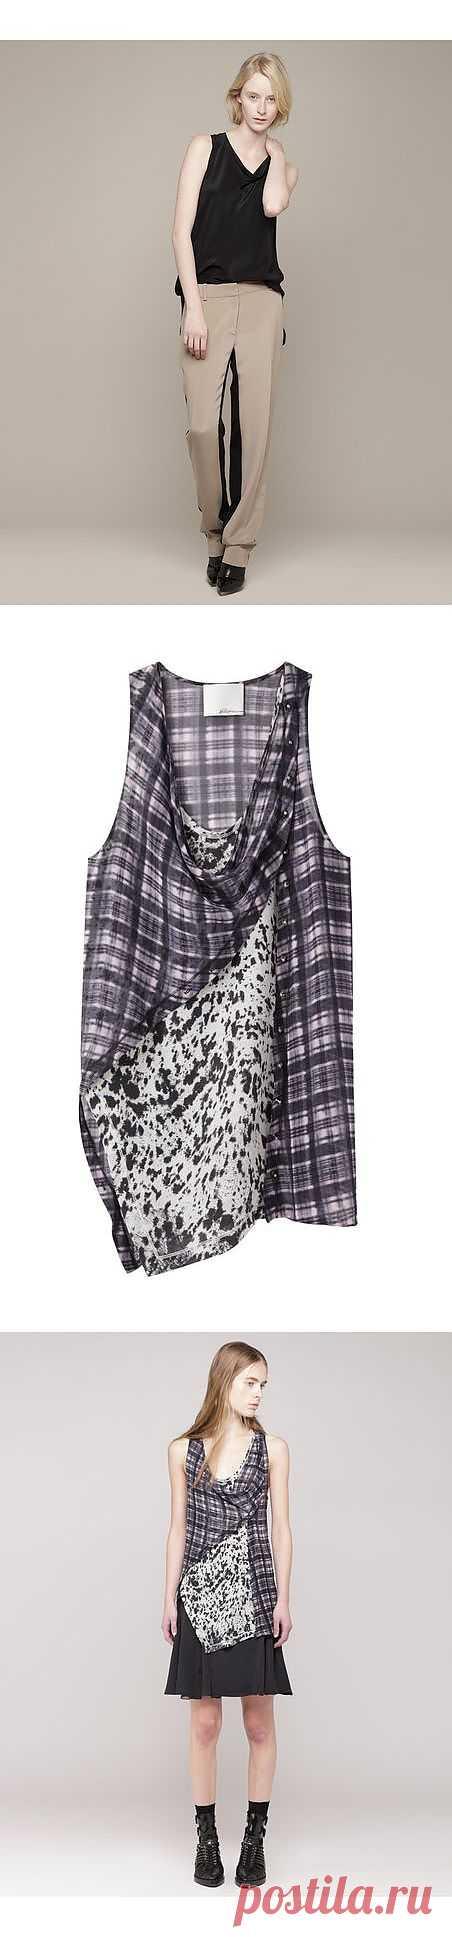 Детали 3.1 Phillip Lim (трафик) / Дизайнеры / Модный сайт о стильной переделке одежды и интерьера